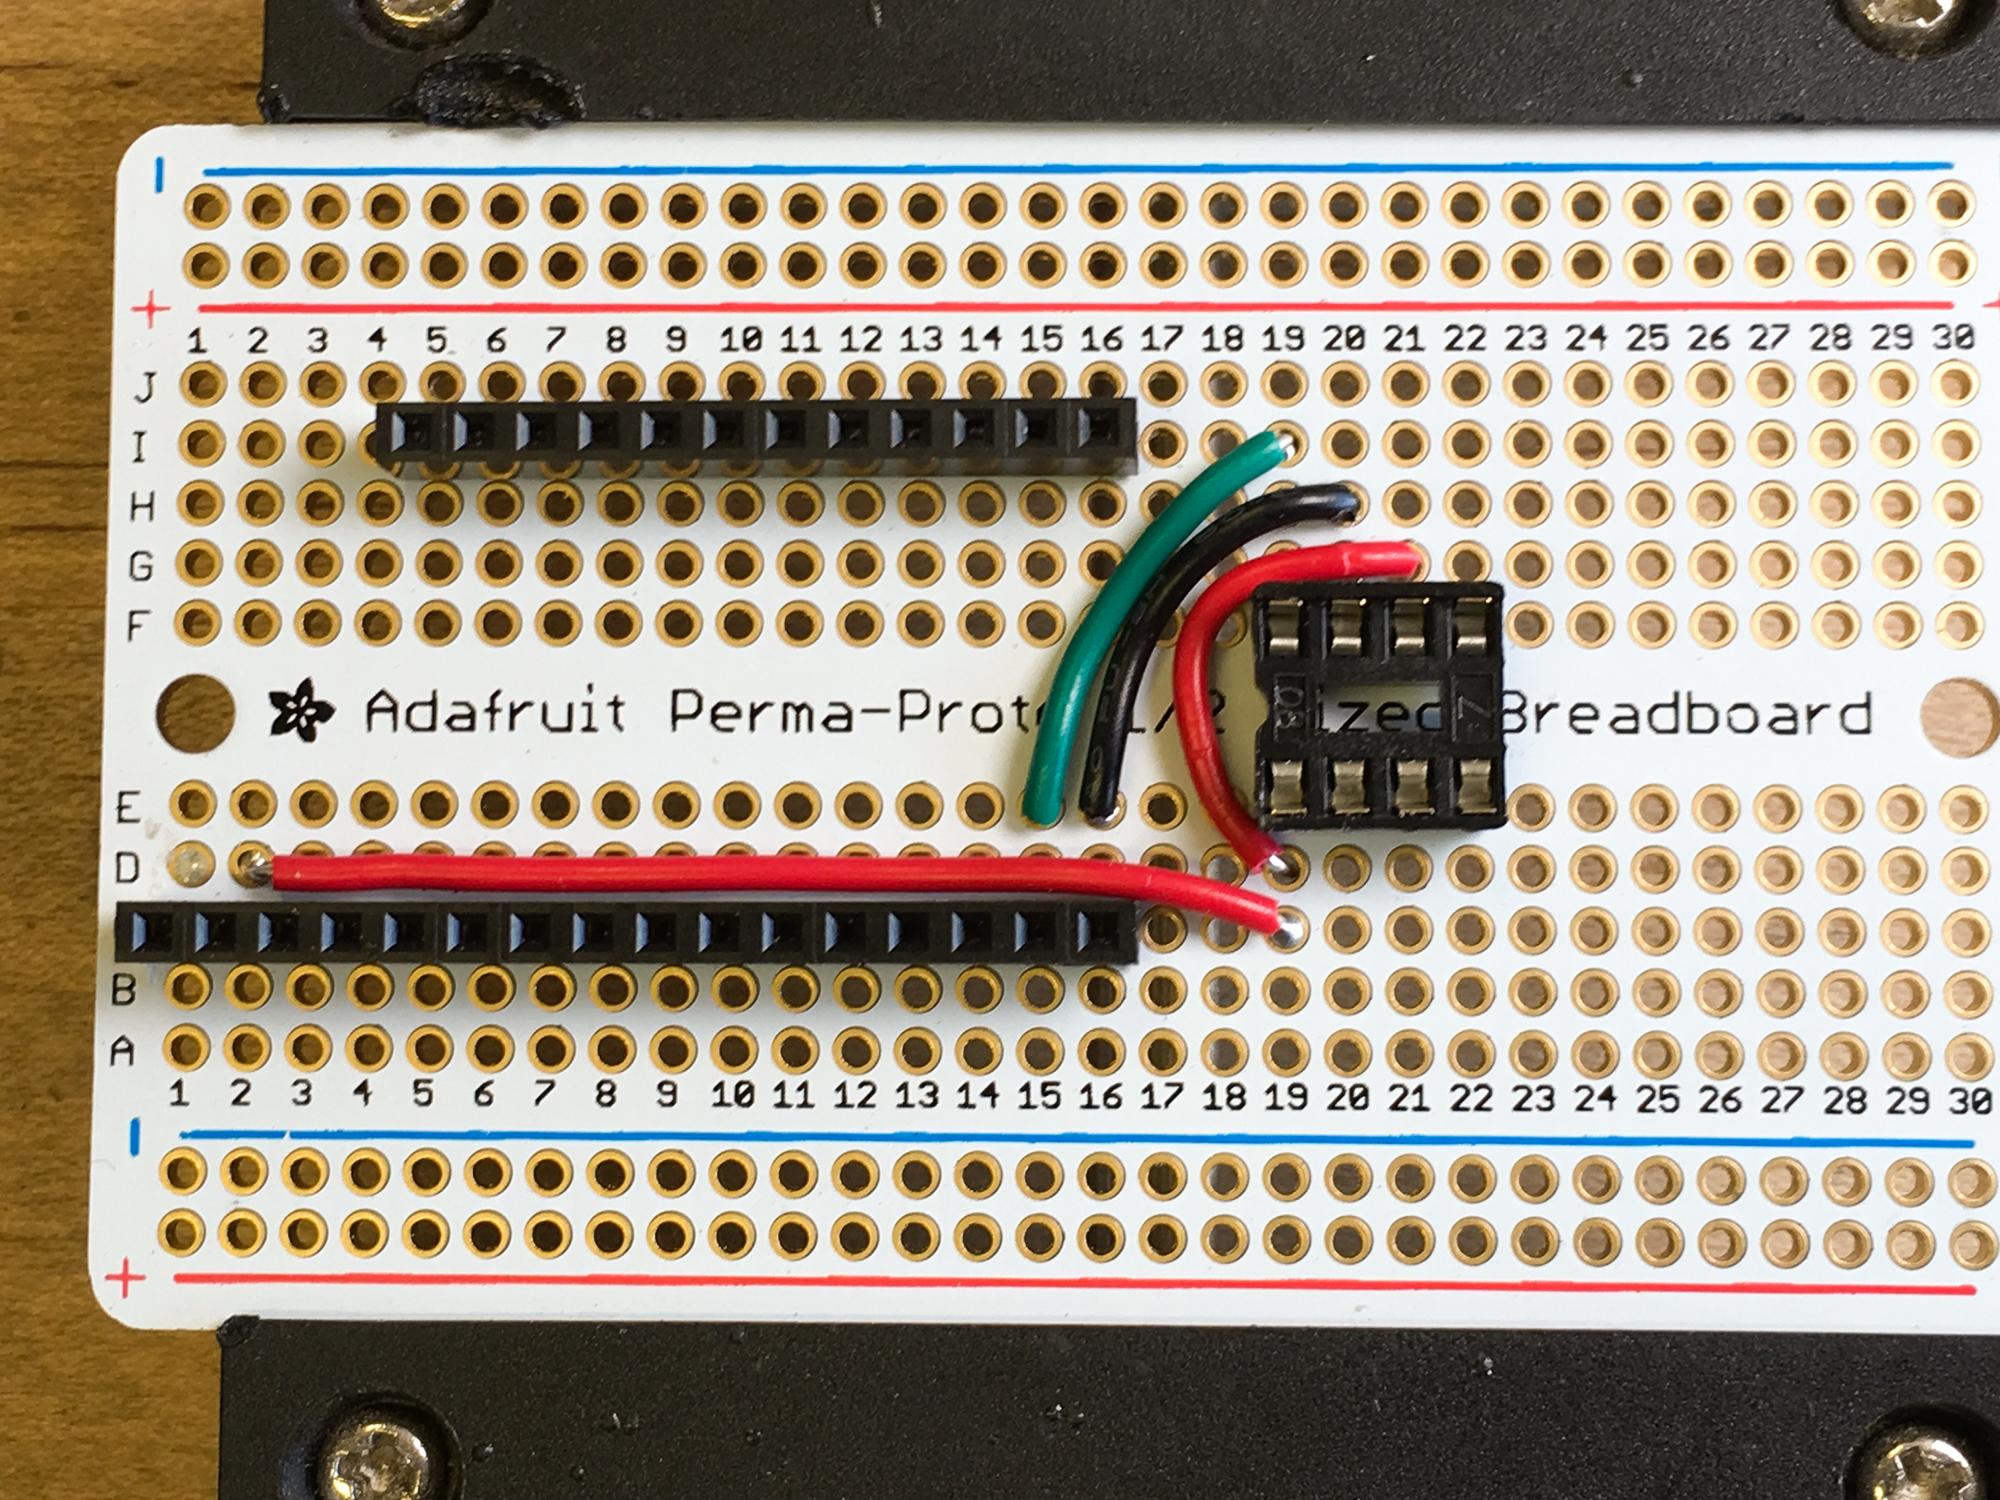 microcontrollers_IMG_1767_2k.jpg